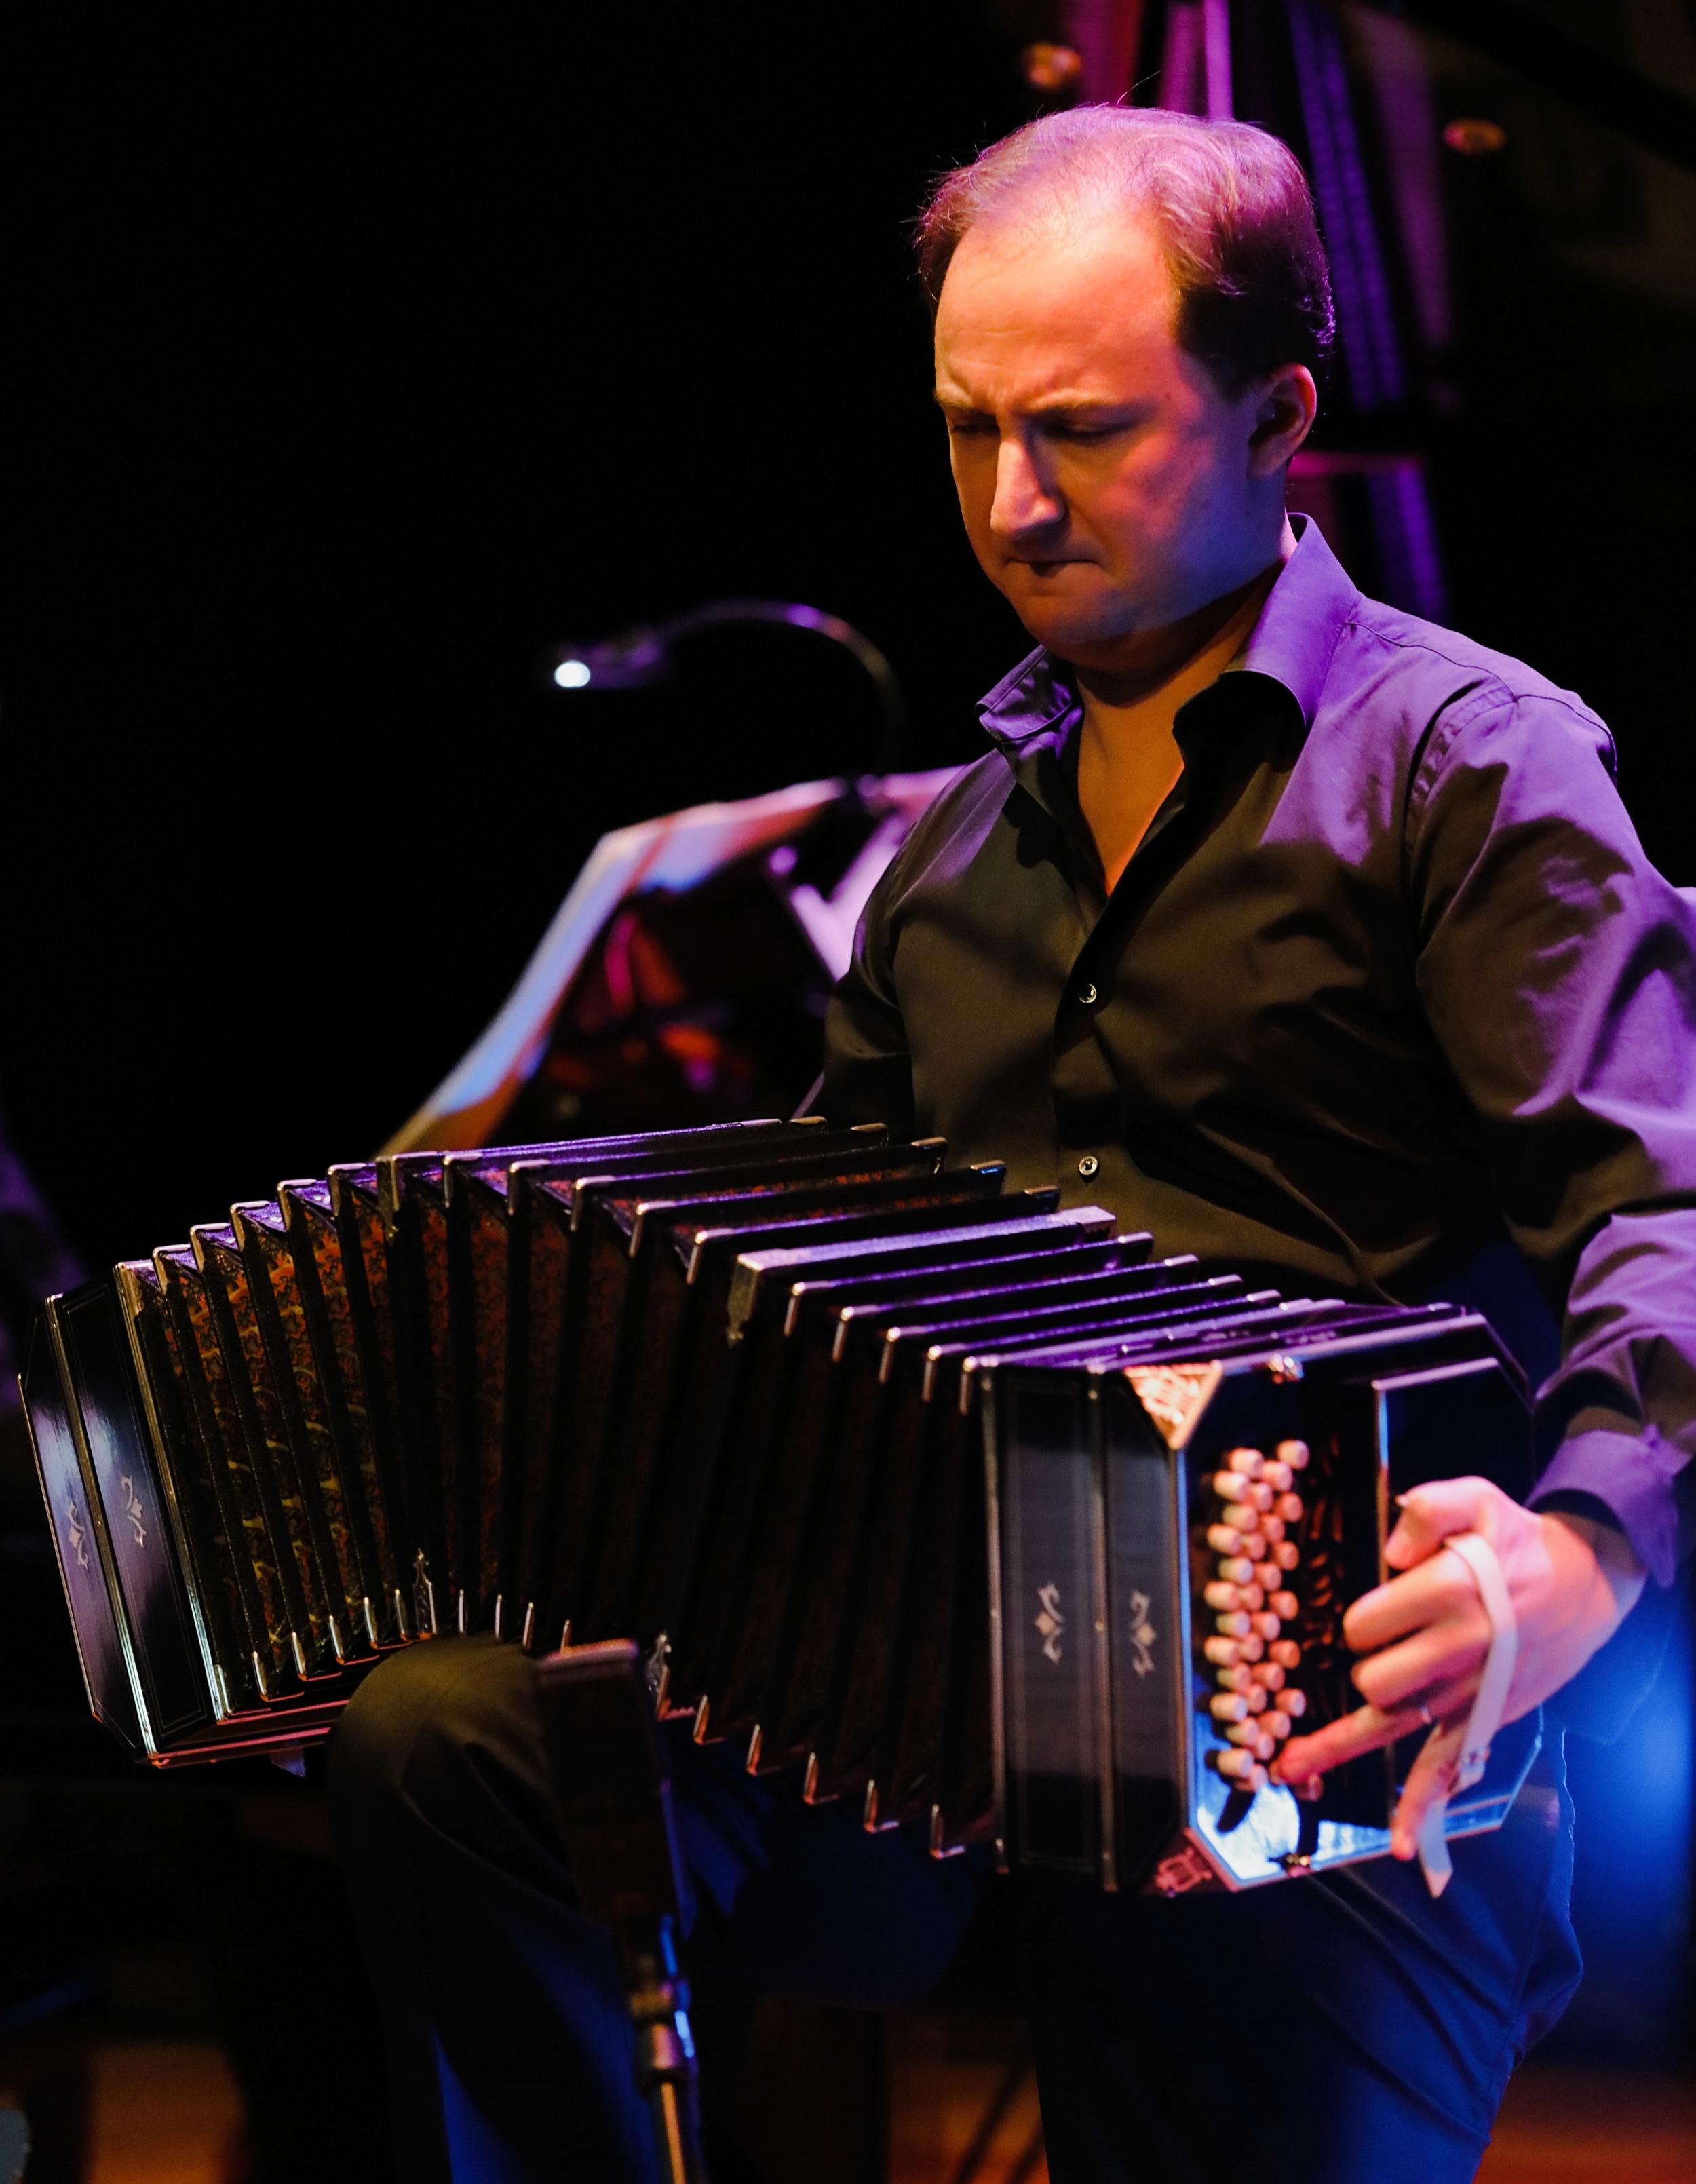 Guillaume Hodeau